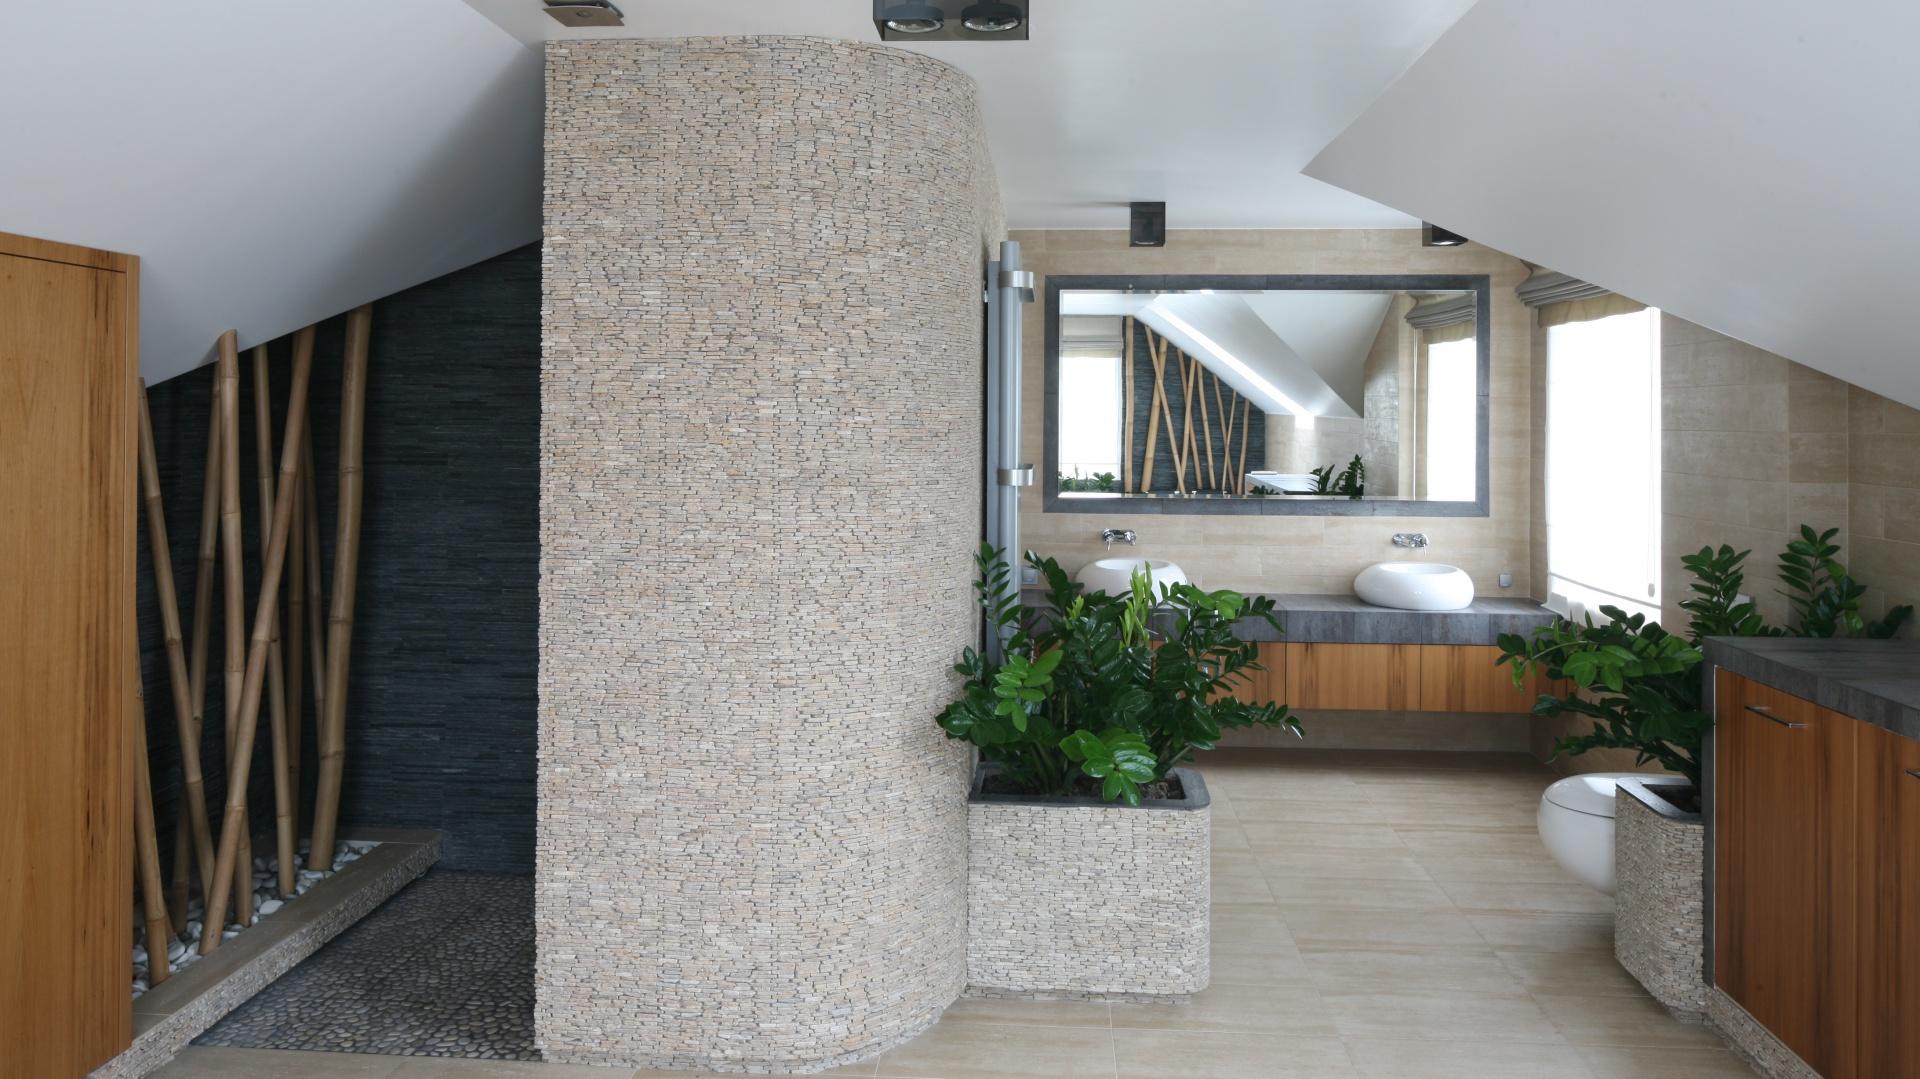 W pięknym, przestronnym salonie kąpielowym w stylu SPA rolę pierwszoplanową odgrywają materiały: zastosowano kilka rodzajów kamienia, w tym kamienną łupankę. Wraz z roślinami zielonymi tworzy scenerię idealną do relaksu. Projekt: Karolina Łuczyńska. Fot. Bartosz Jarosz.